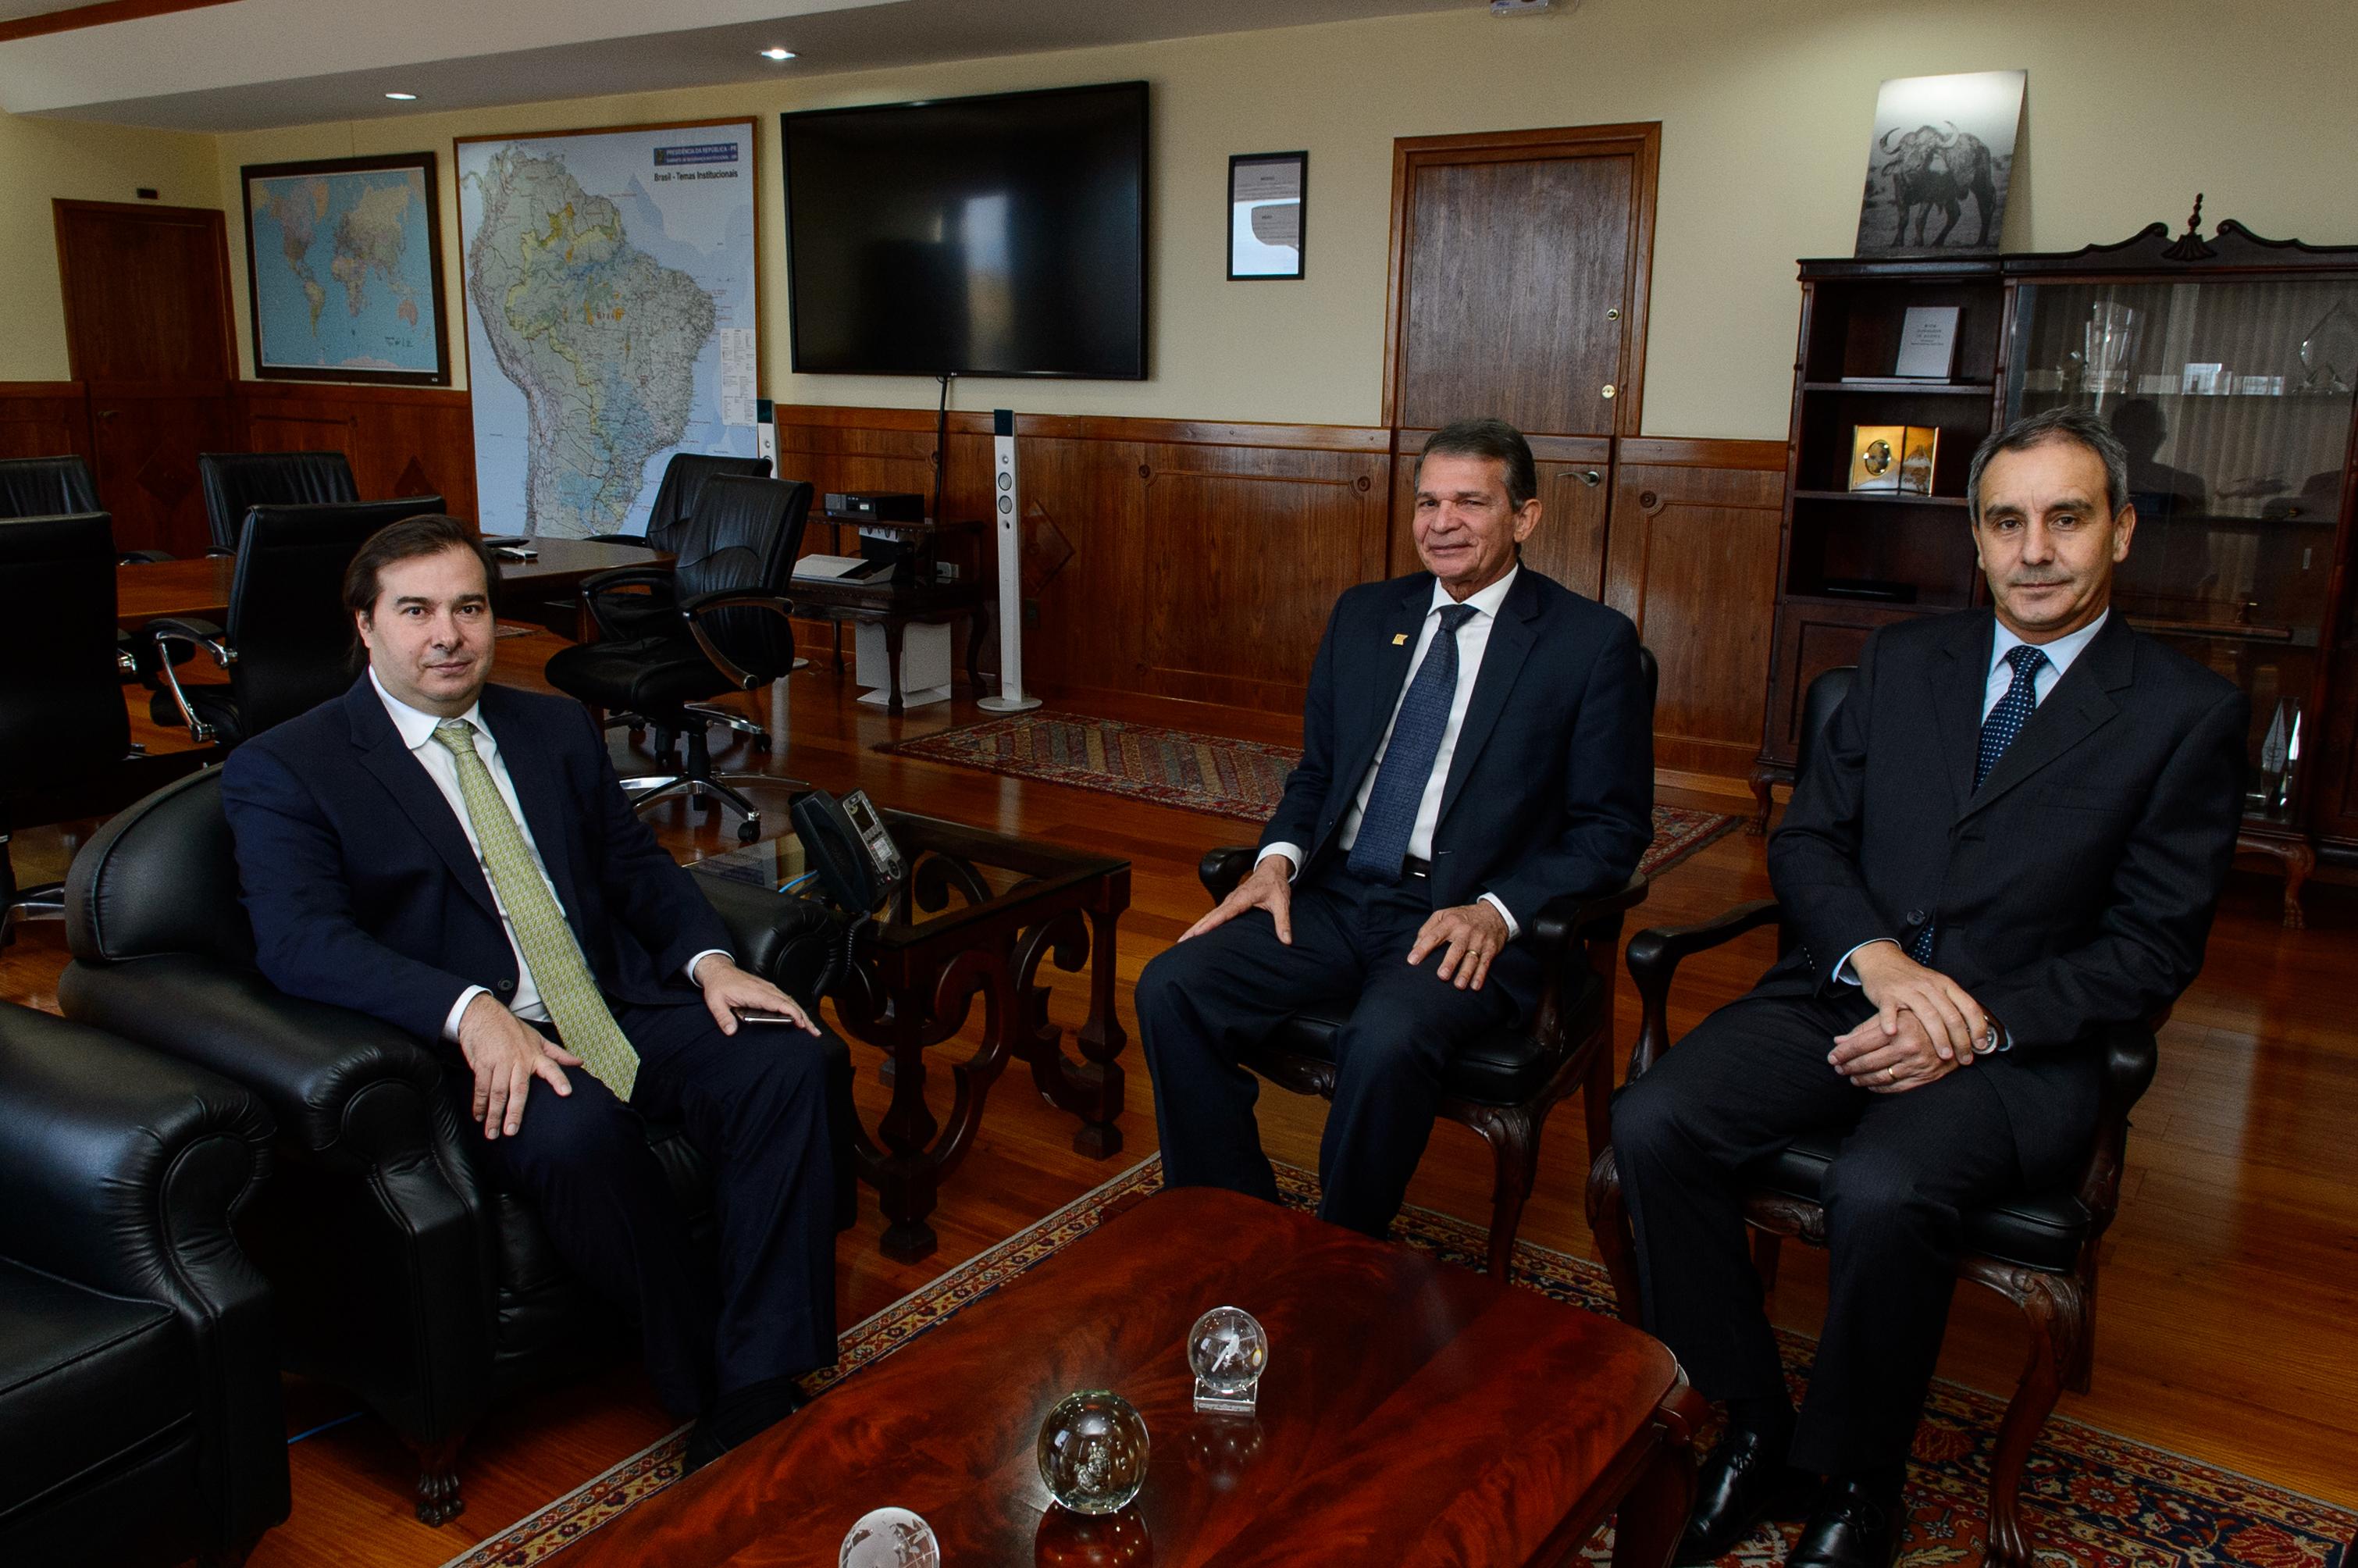 Ministro Silva e Luna recebe o presidente da Câmara dos Deputados